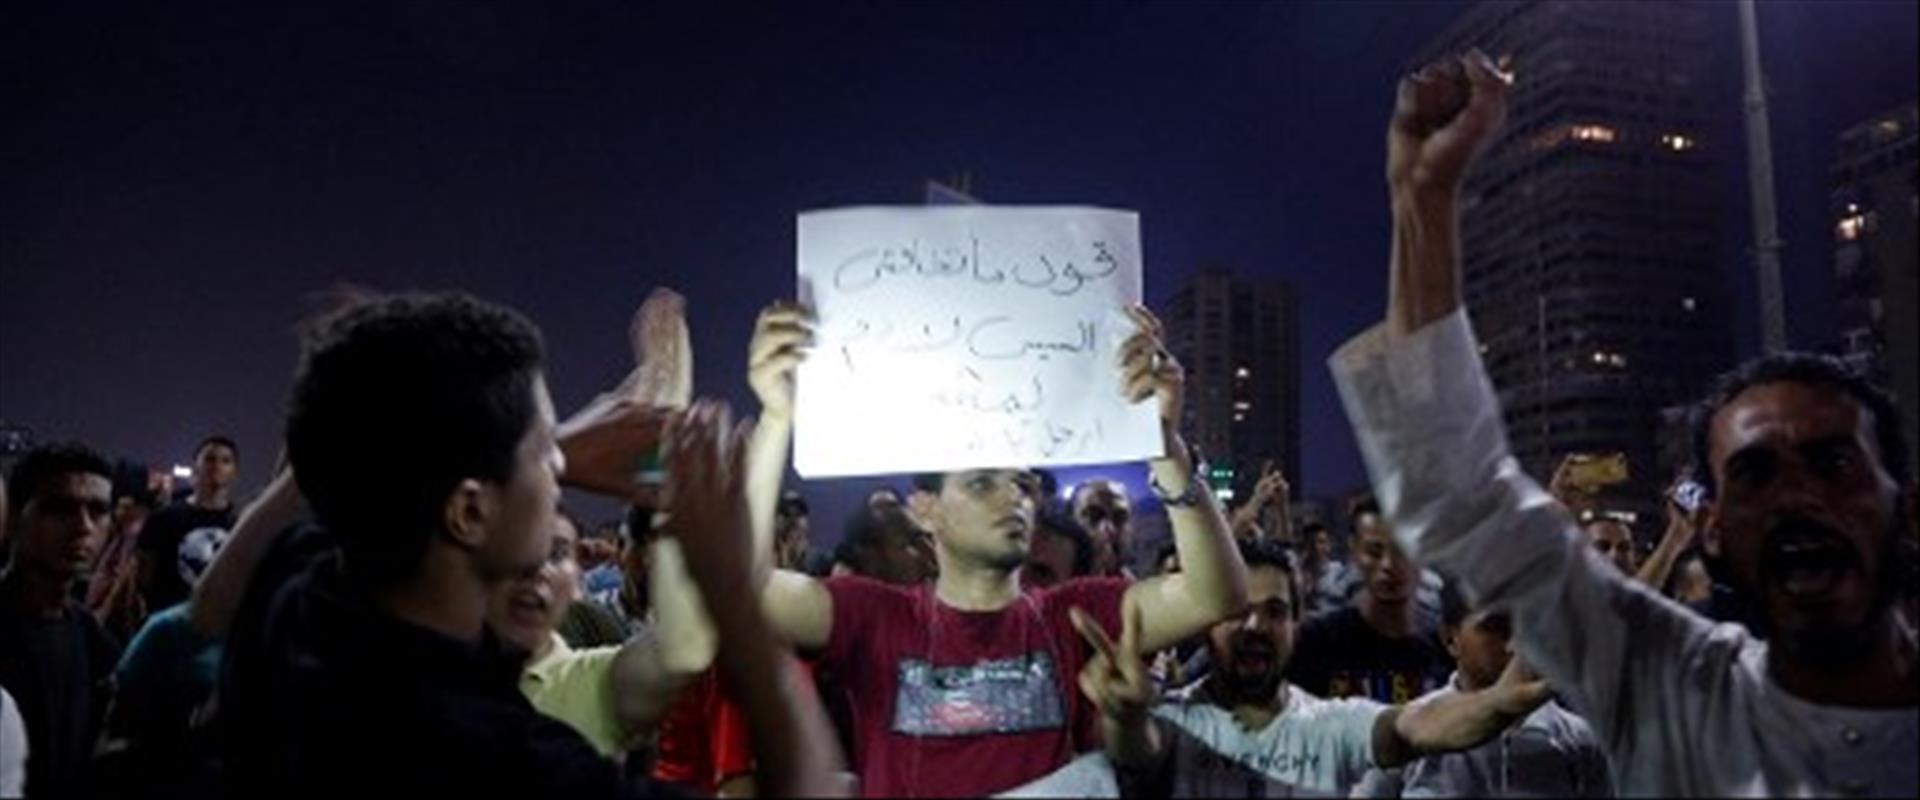 מפגינים מצרים, היום